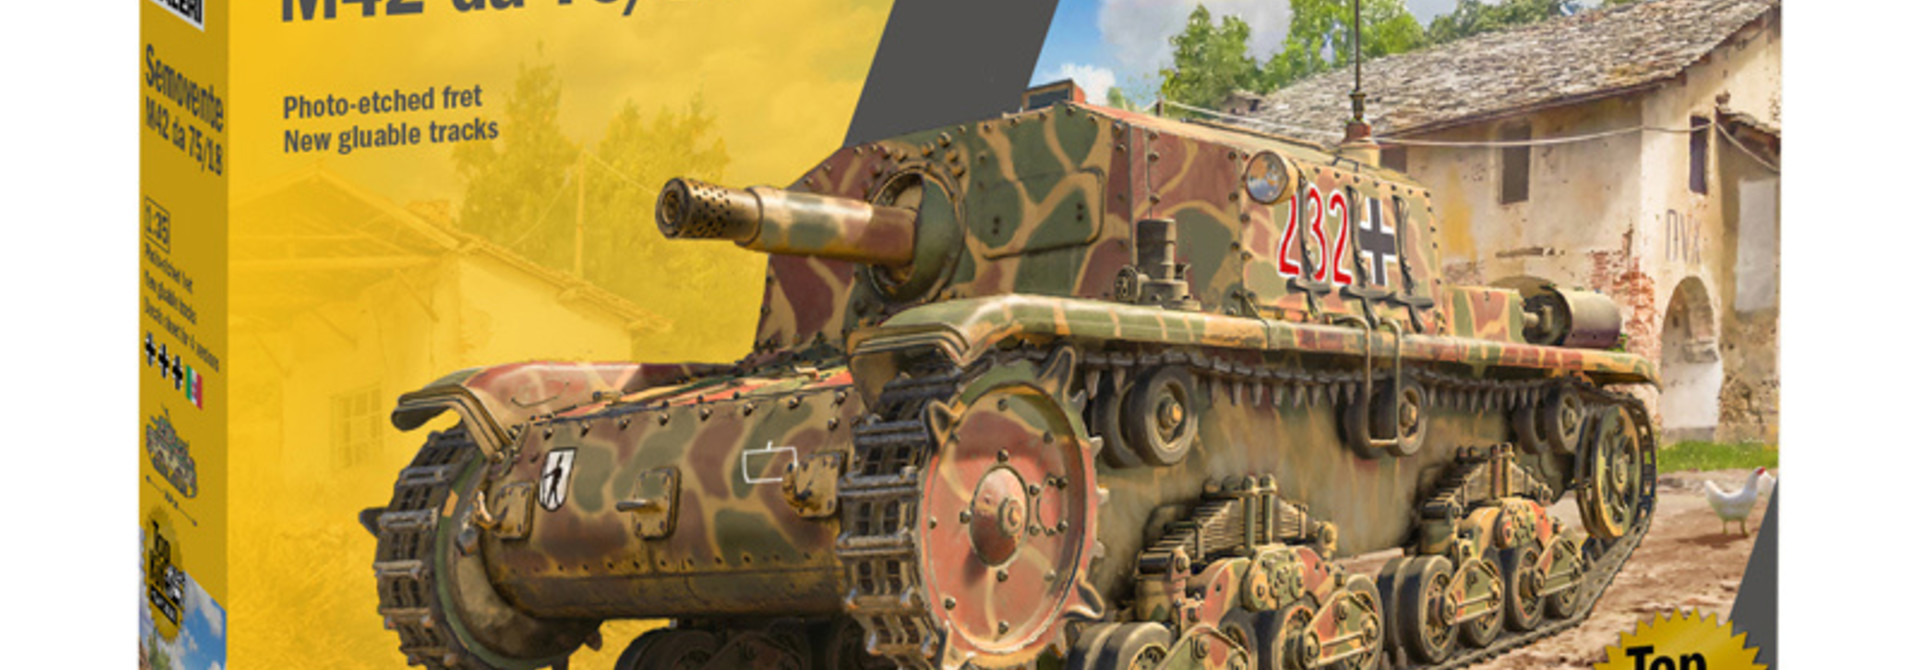 1:35 tank SEMOVENTE M42 da 75/18